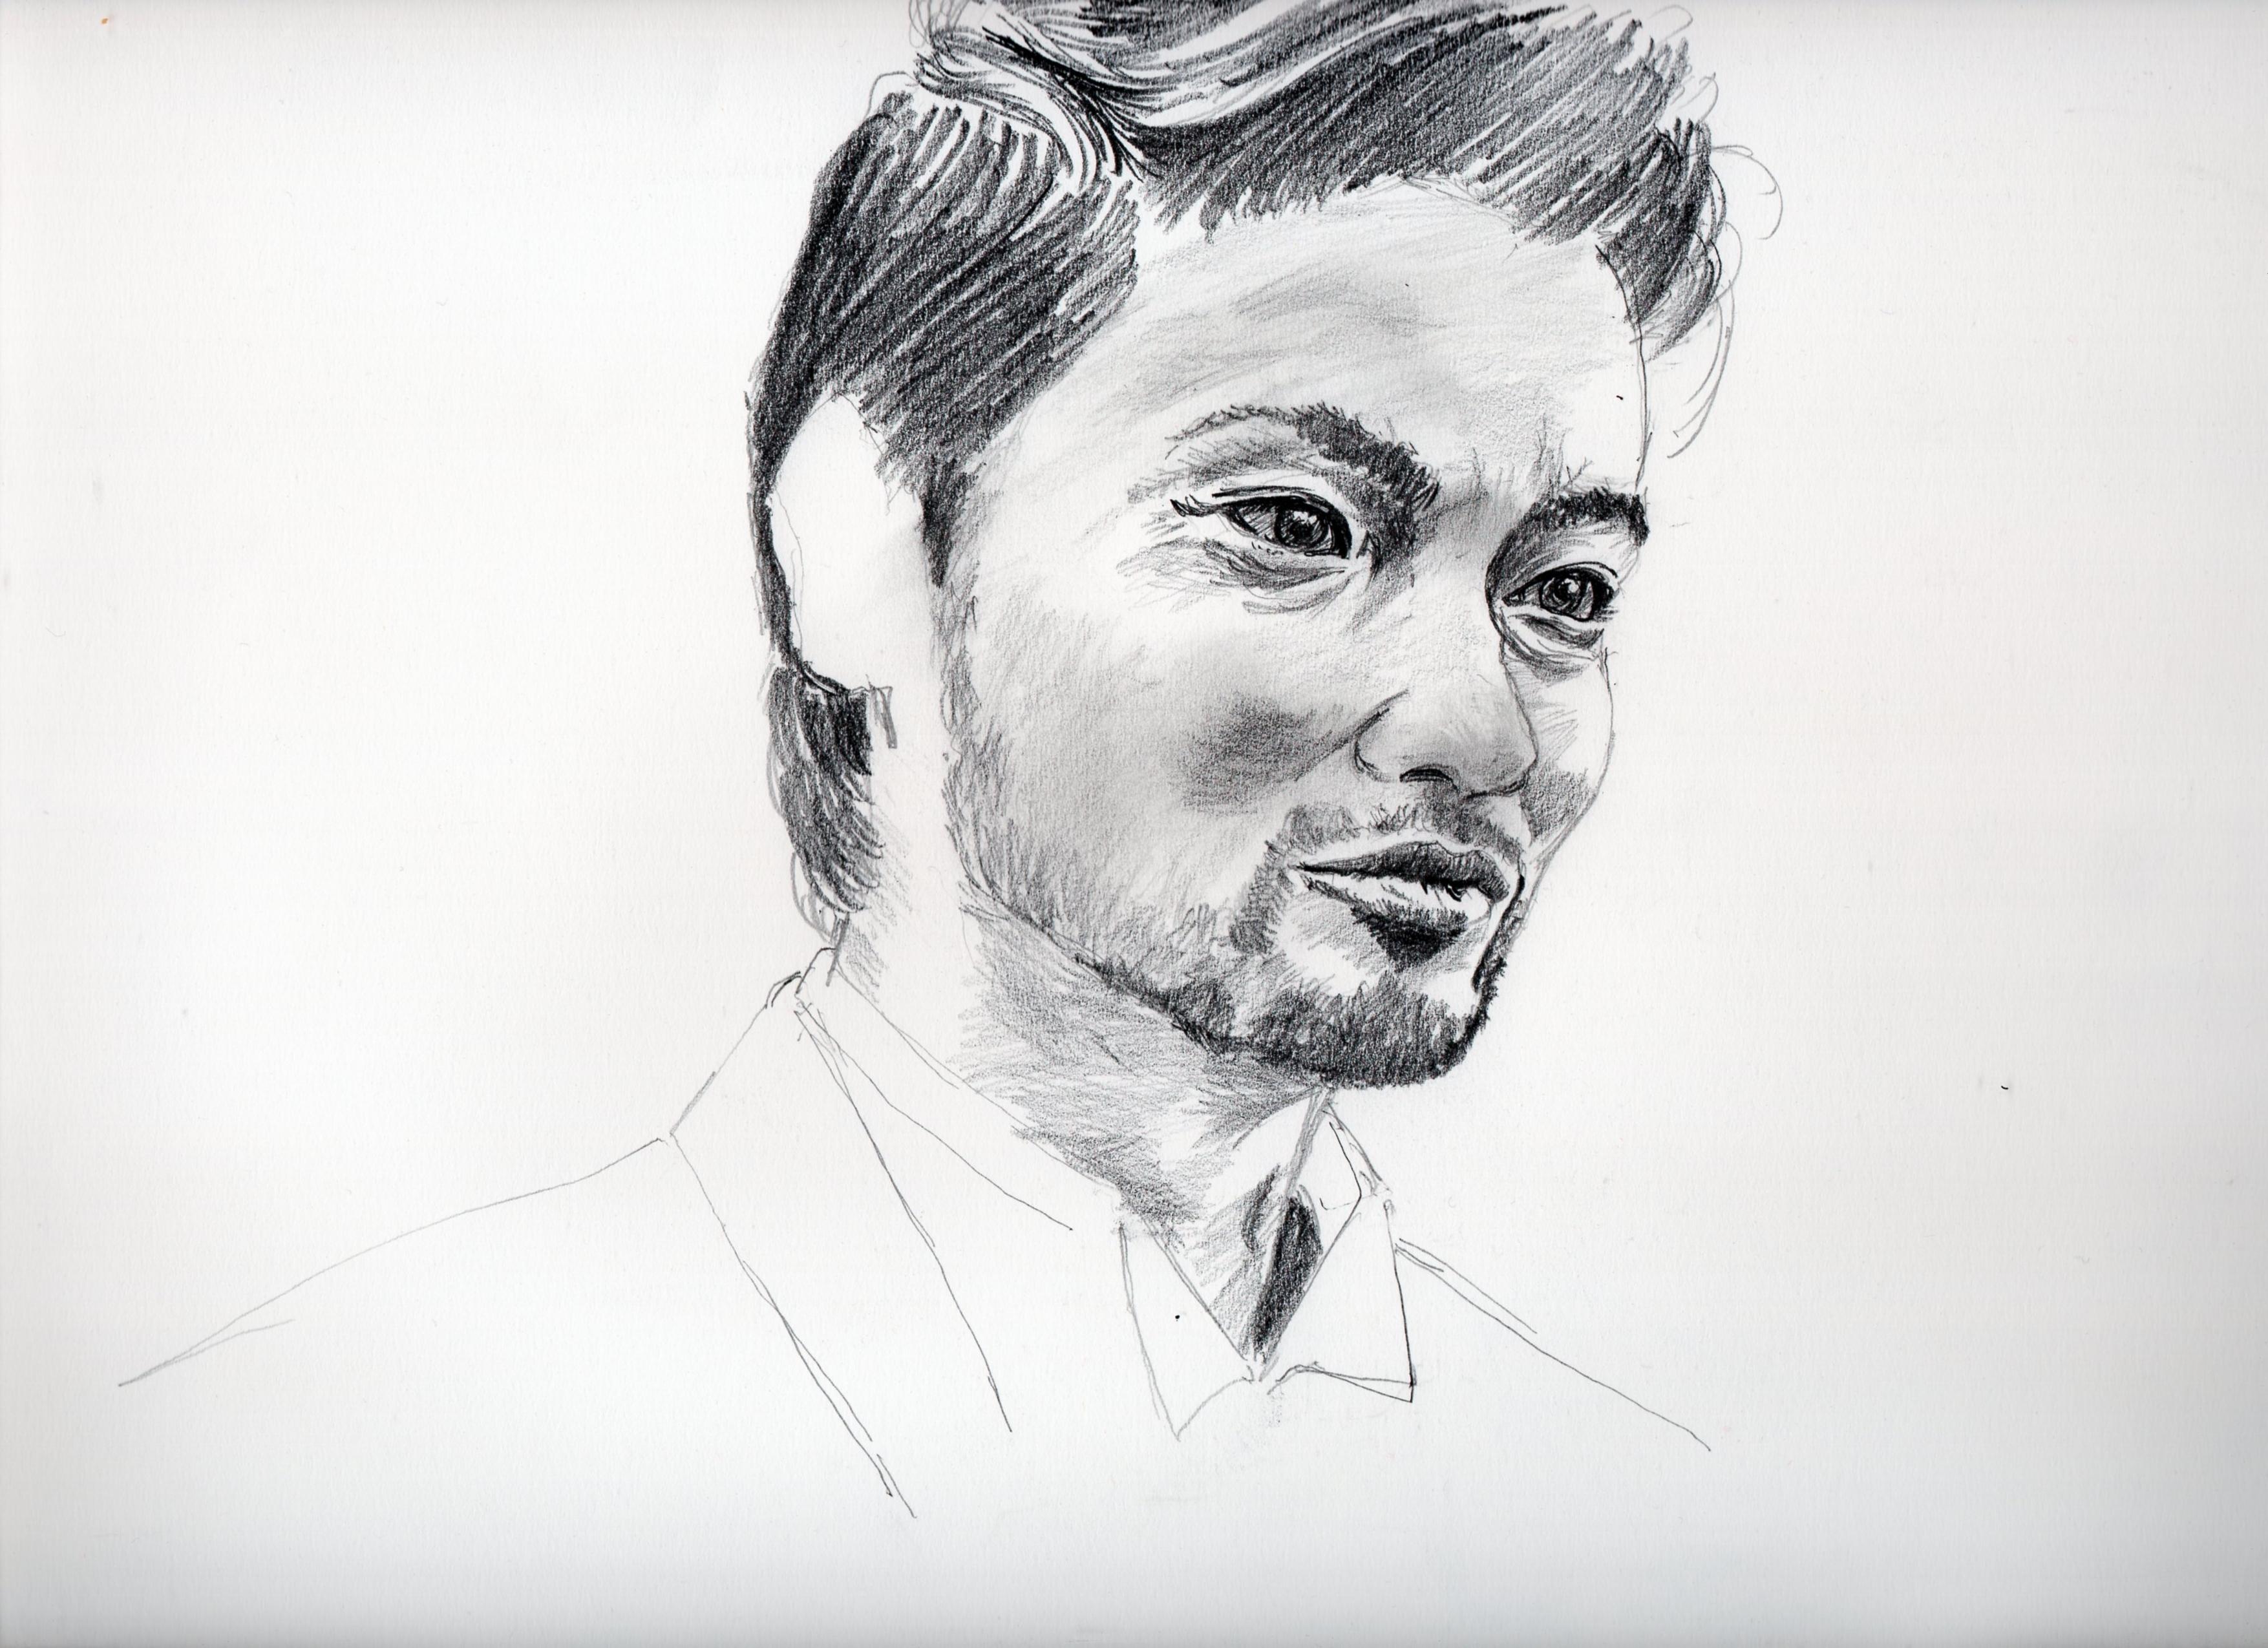 吉田羊の鉛筆画似顔絵